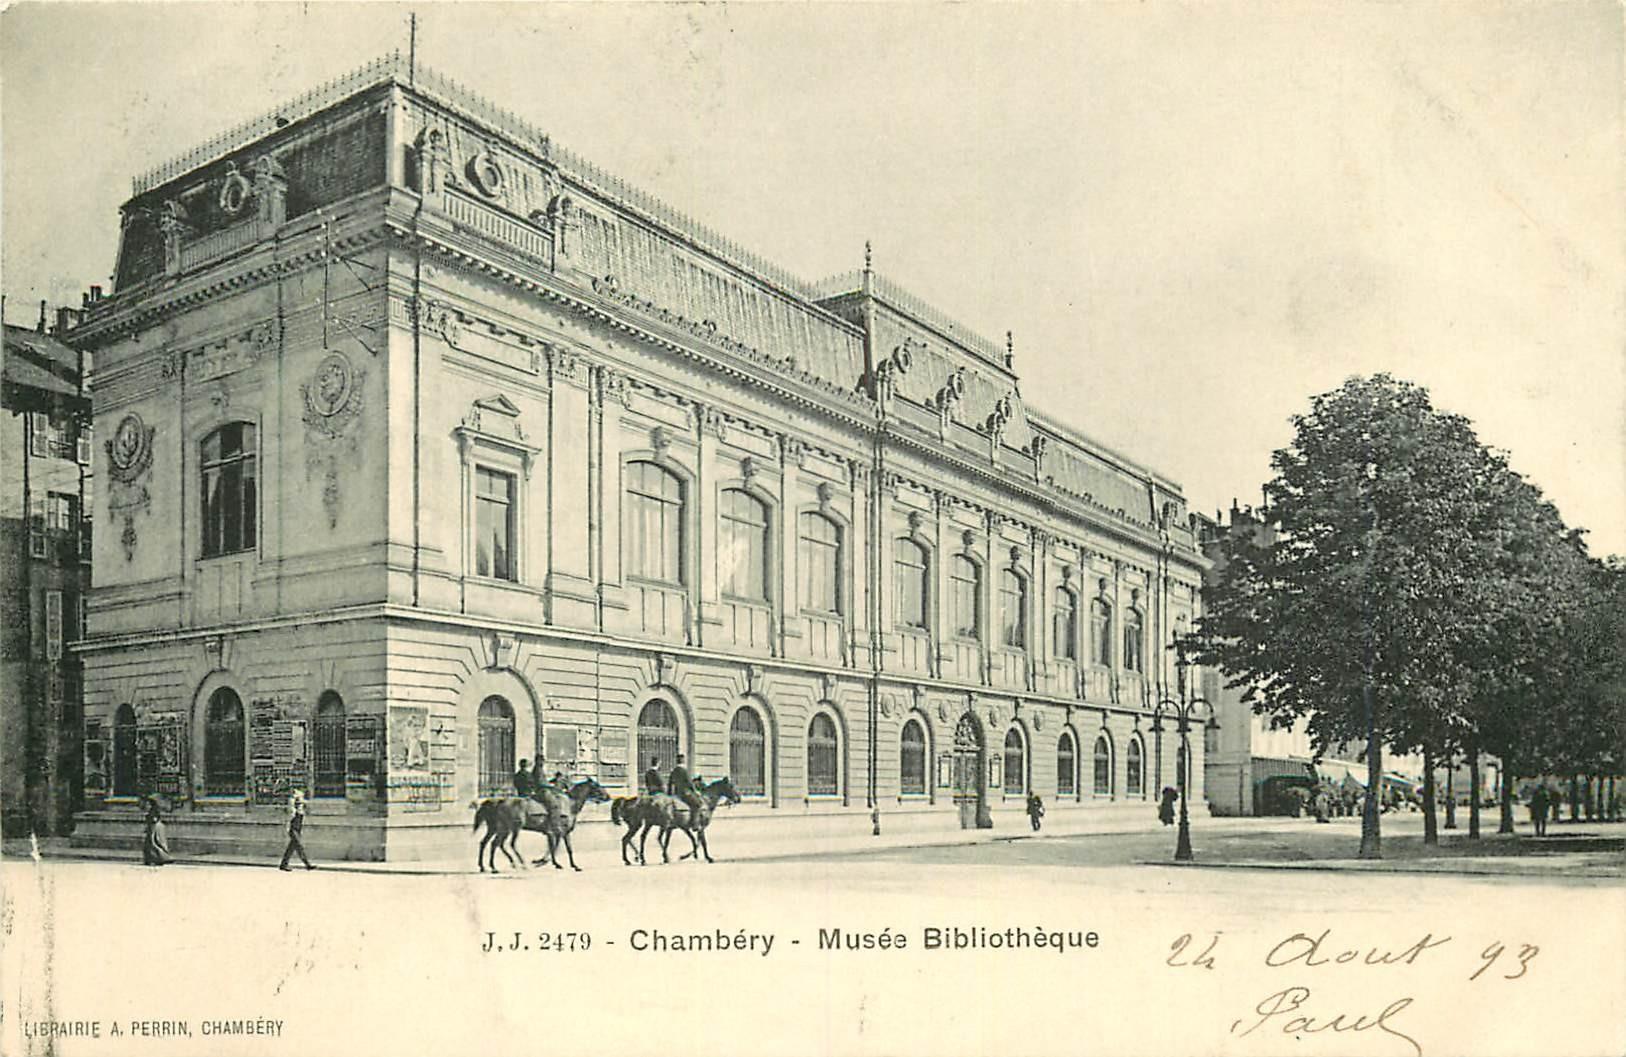 73 CHAMBERY. Cavaliers devant le Musée Bibliothèque 1903